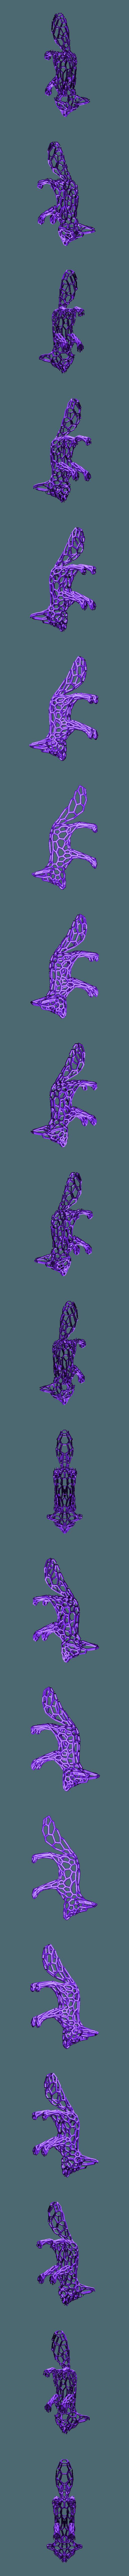 FennecFoxPattern.stl Télécharger fichier STL gratuit Fennec Fox Pattern (Style Voronoi) • Plan pour impression 3D, 3DWP